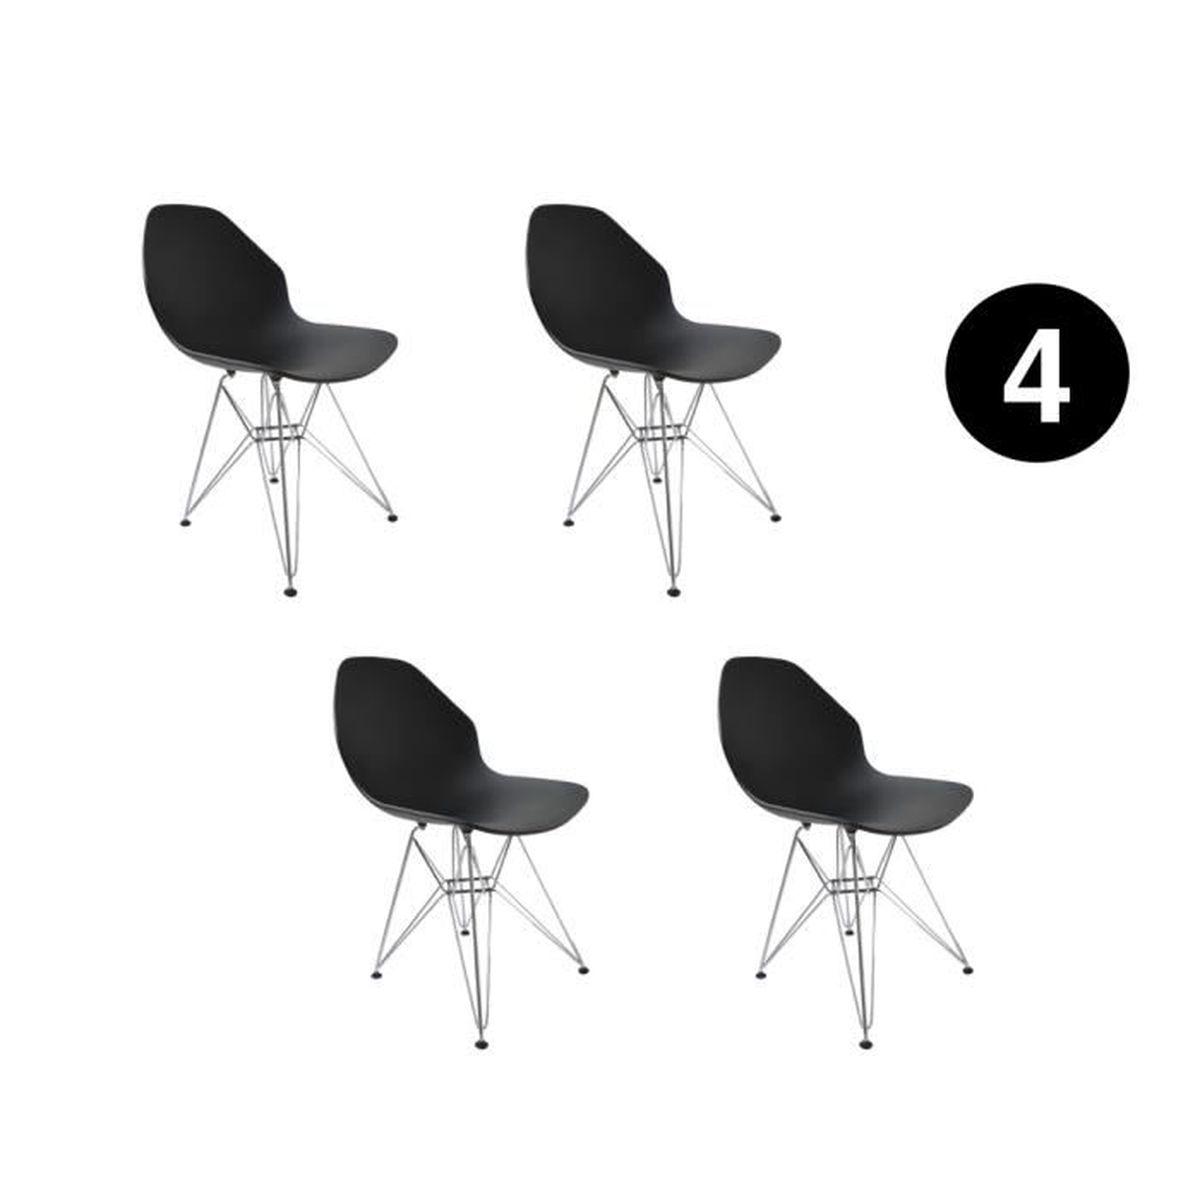 Chaises paris latest chaises surmesure par sonia laudet artisan franais tapissier designer - Restaurant la petite chaise paris ...